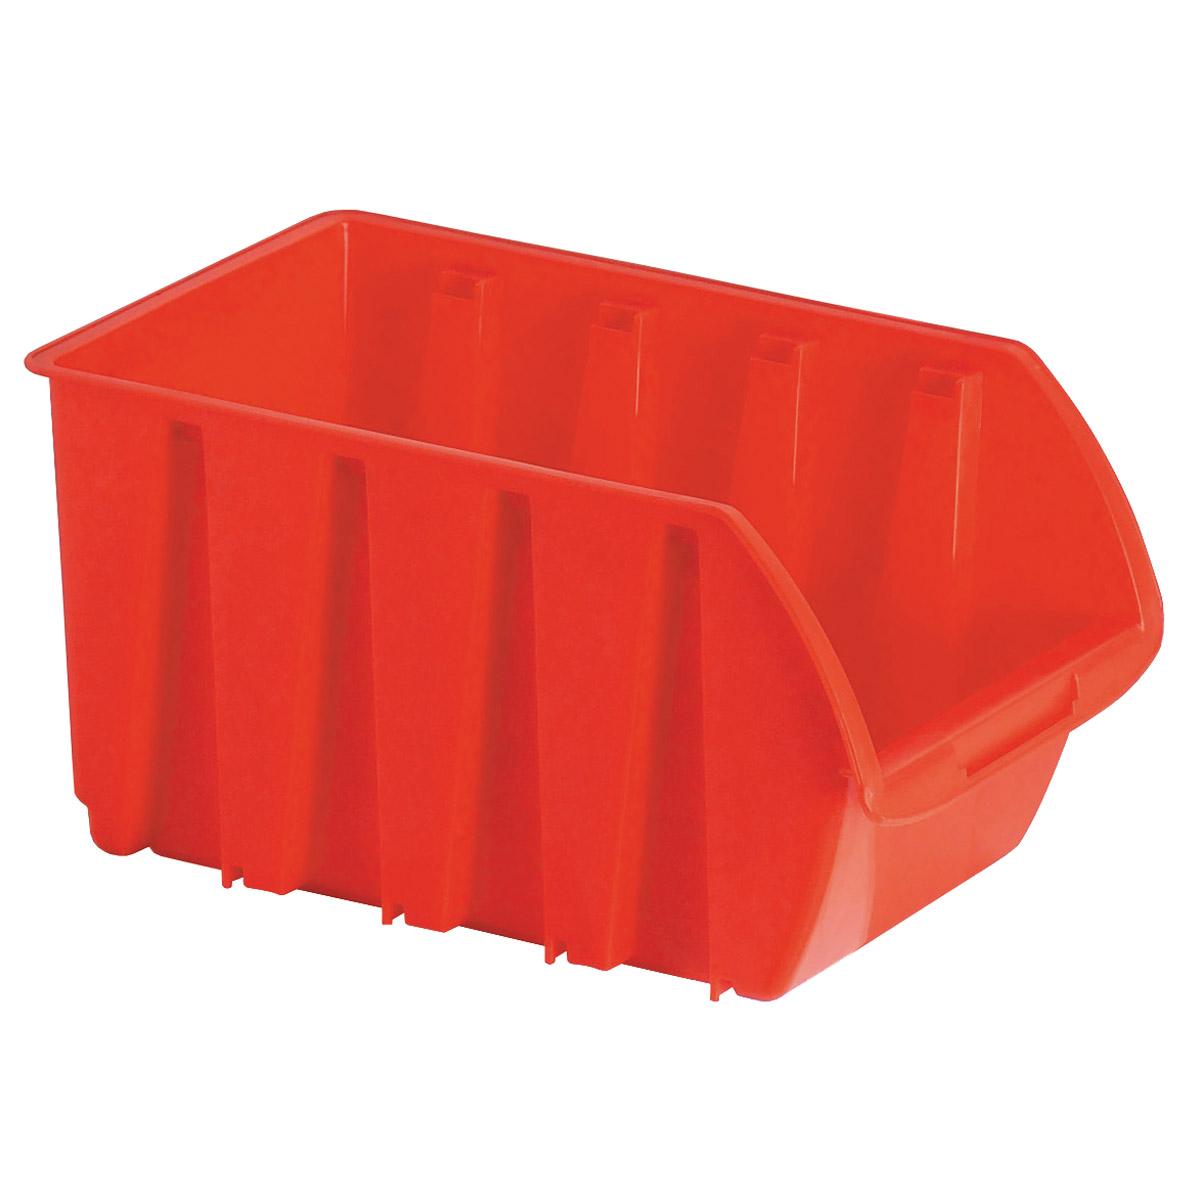 Tahoe 60500073 10pk 10 Each Medium Stackable Plastic Red